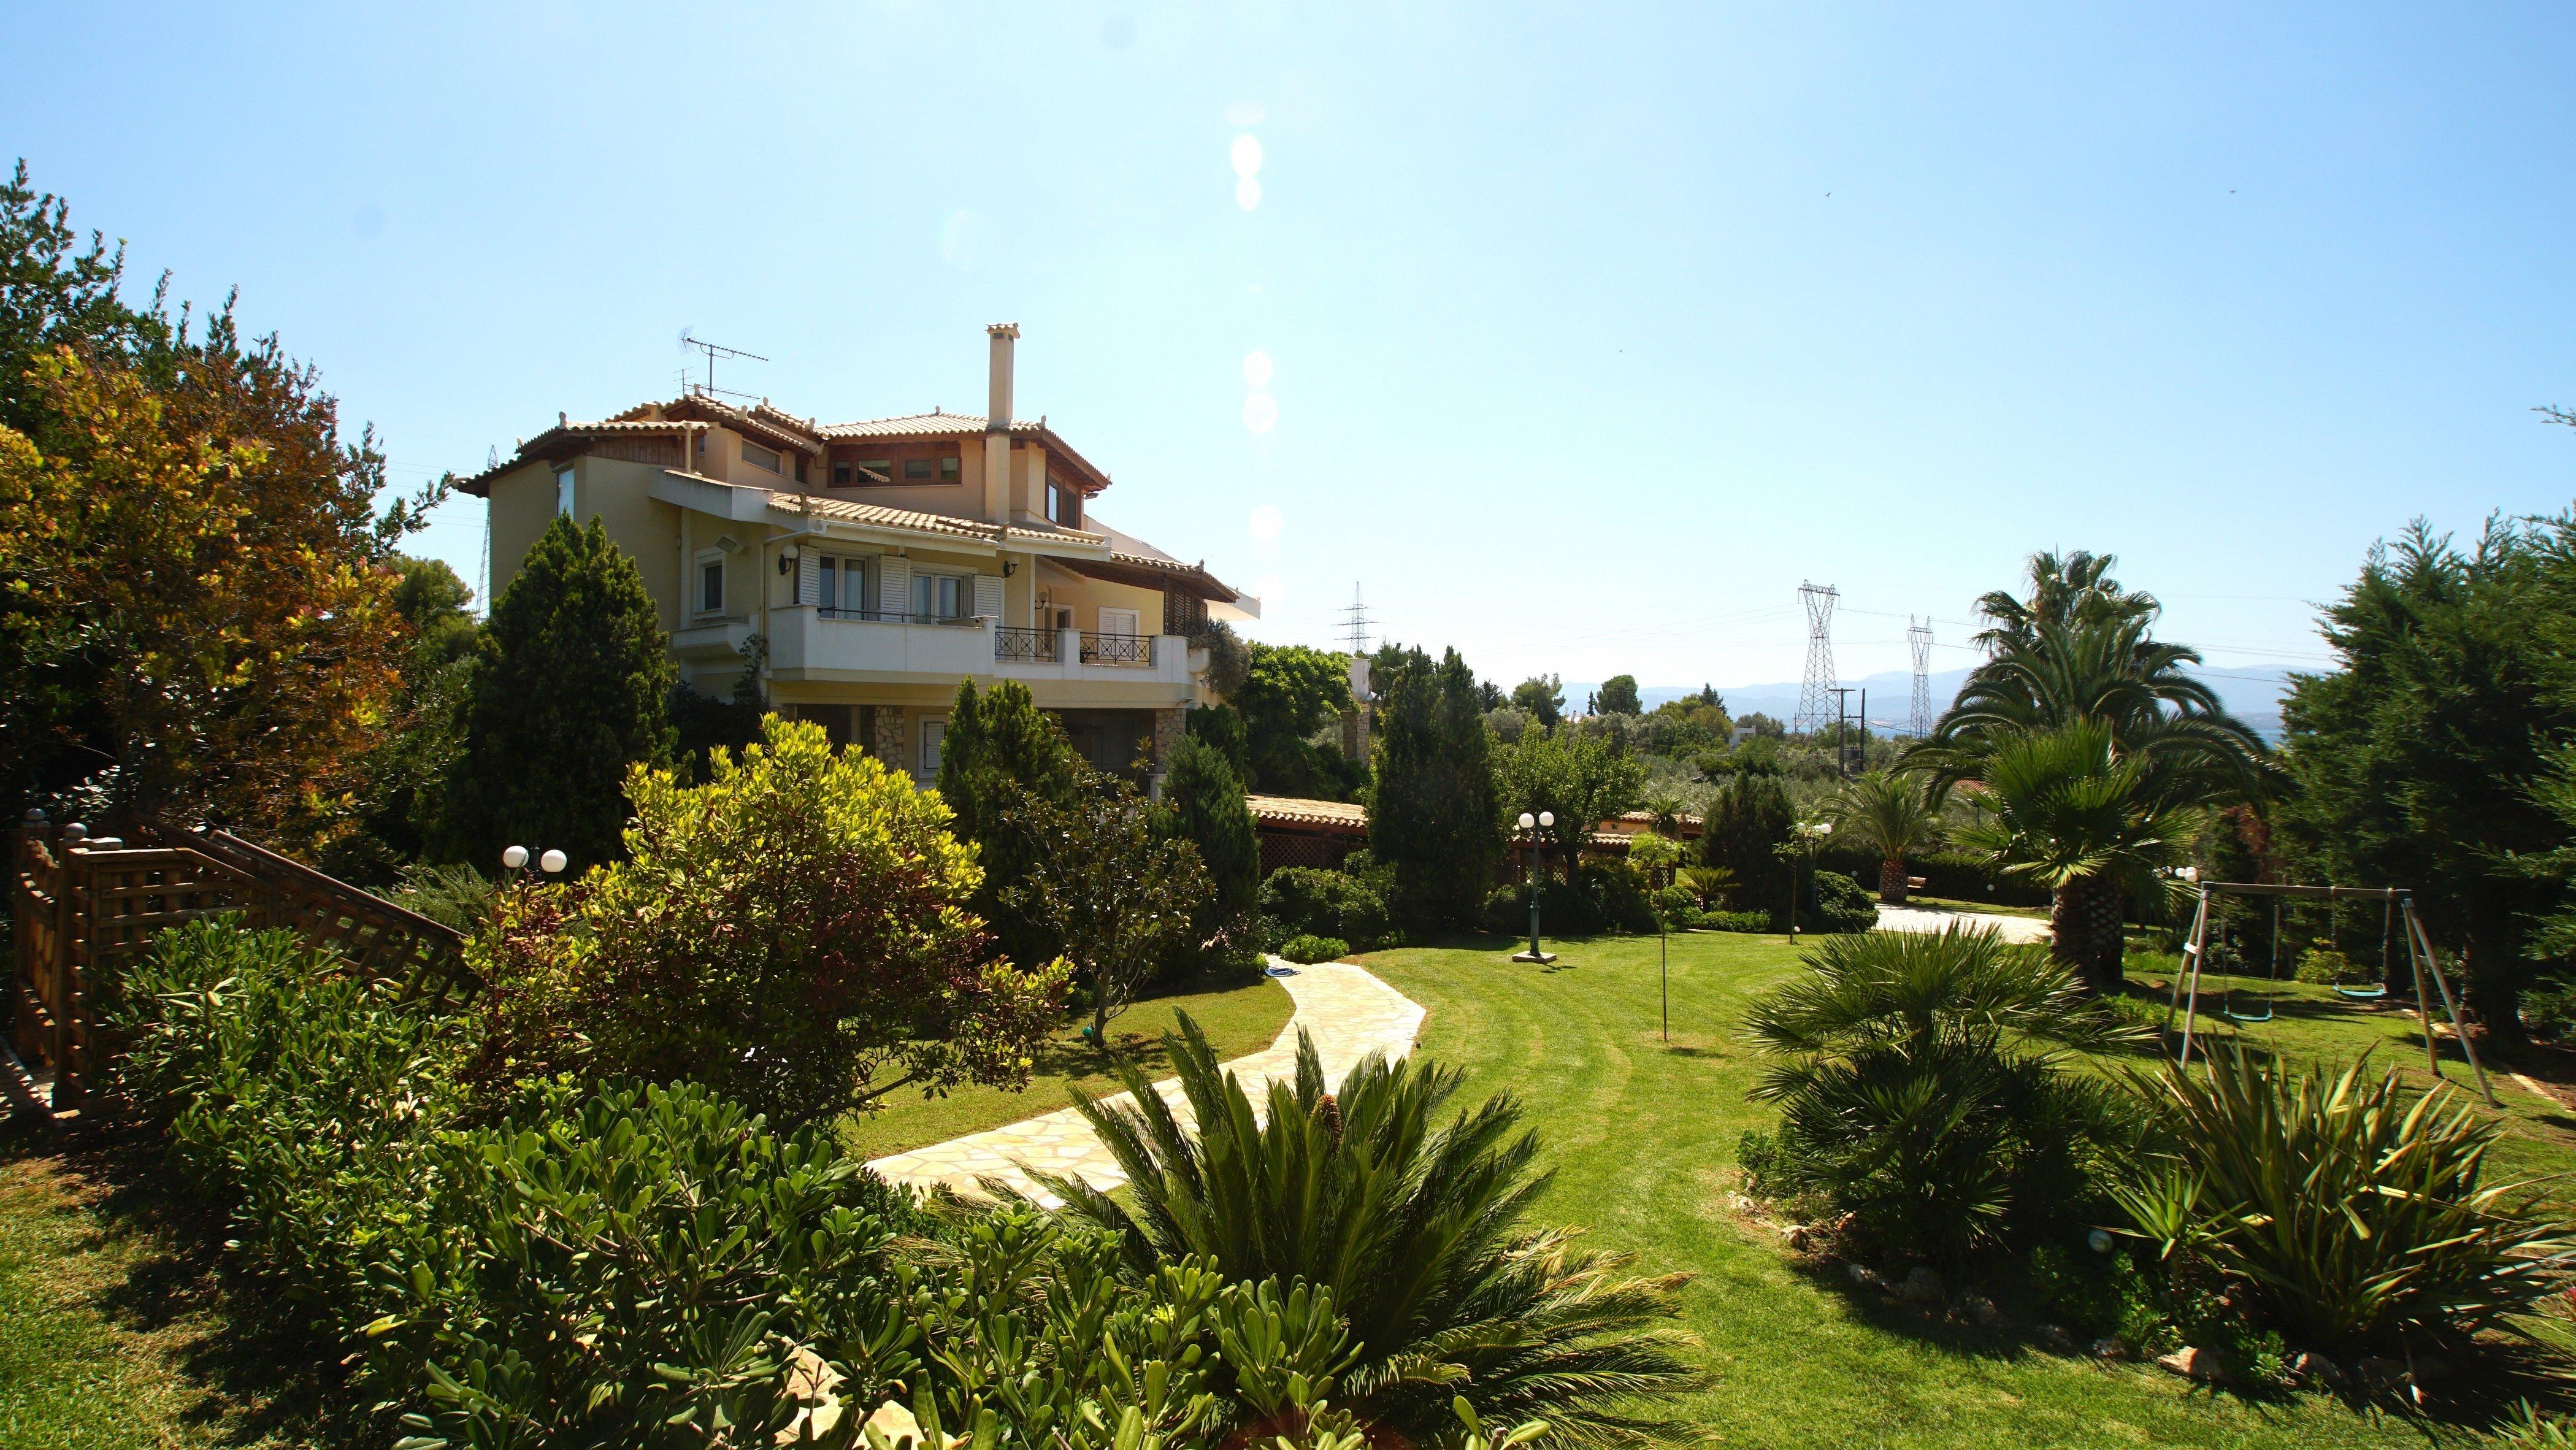 Casa, Evia - Ref GR-4695